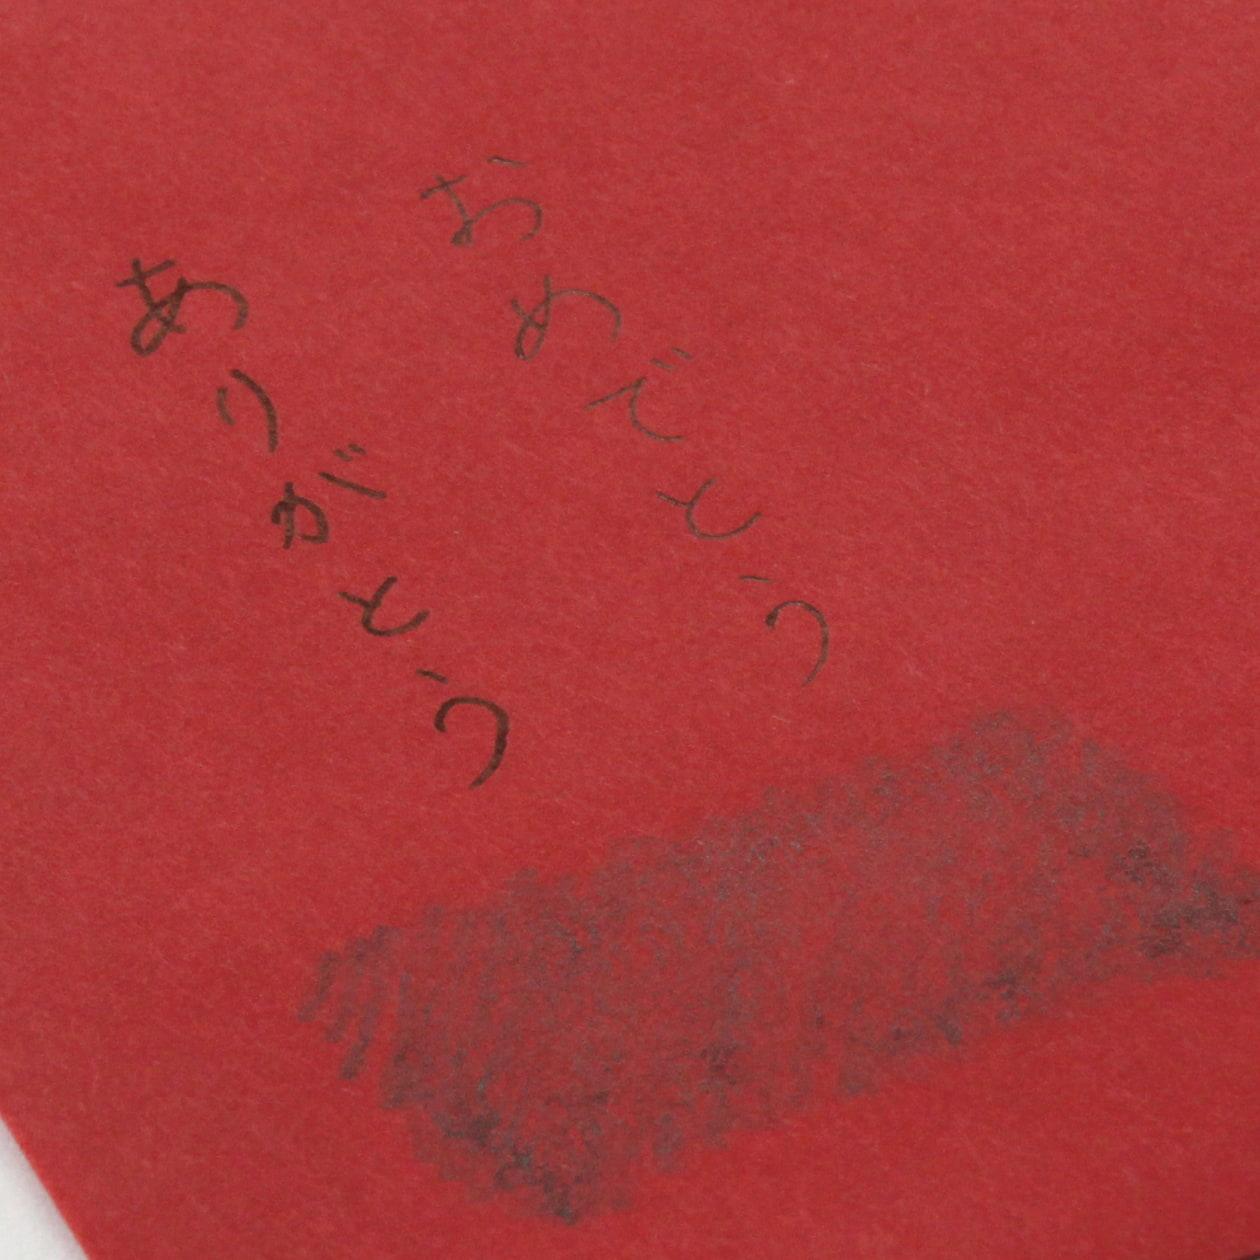 長3封筒 コニーカラー レッド 85g